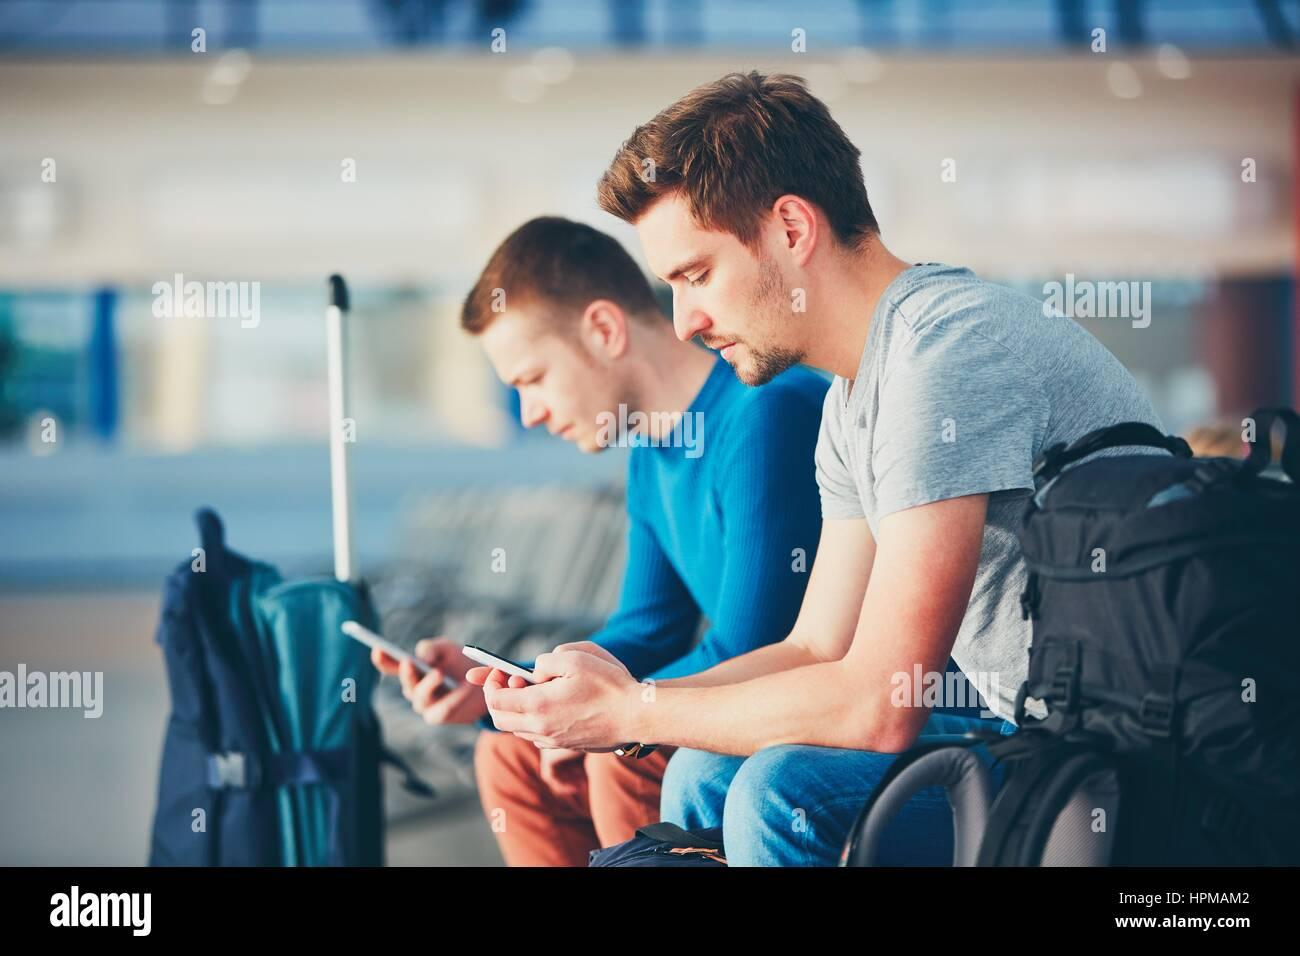 Due amici che viaggiano insieme. I viaggiatori con i telefoni cellulari di attesa in aeroporto area di partenza Immagini Stock